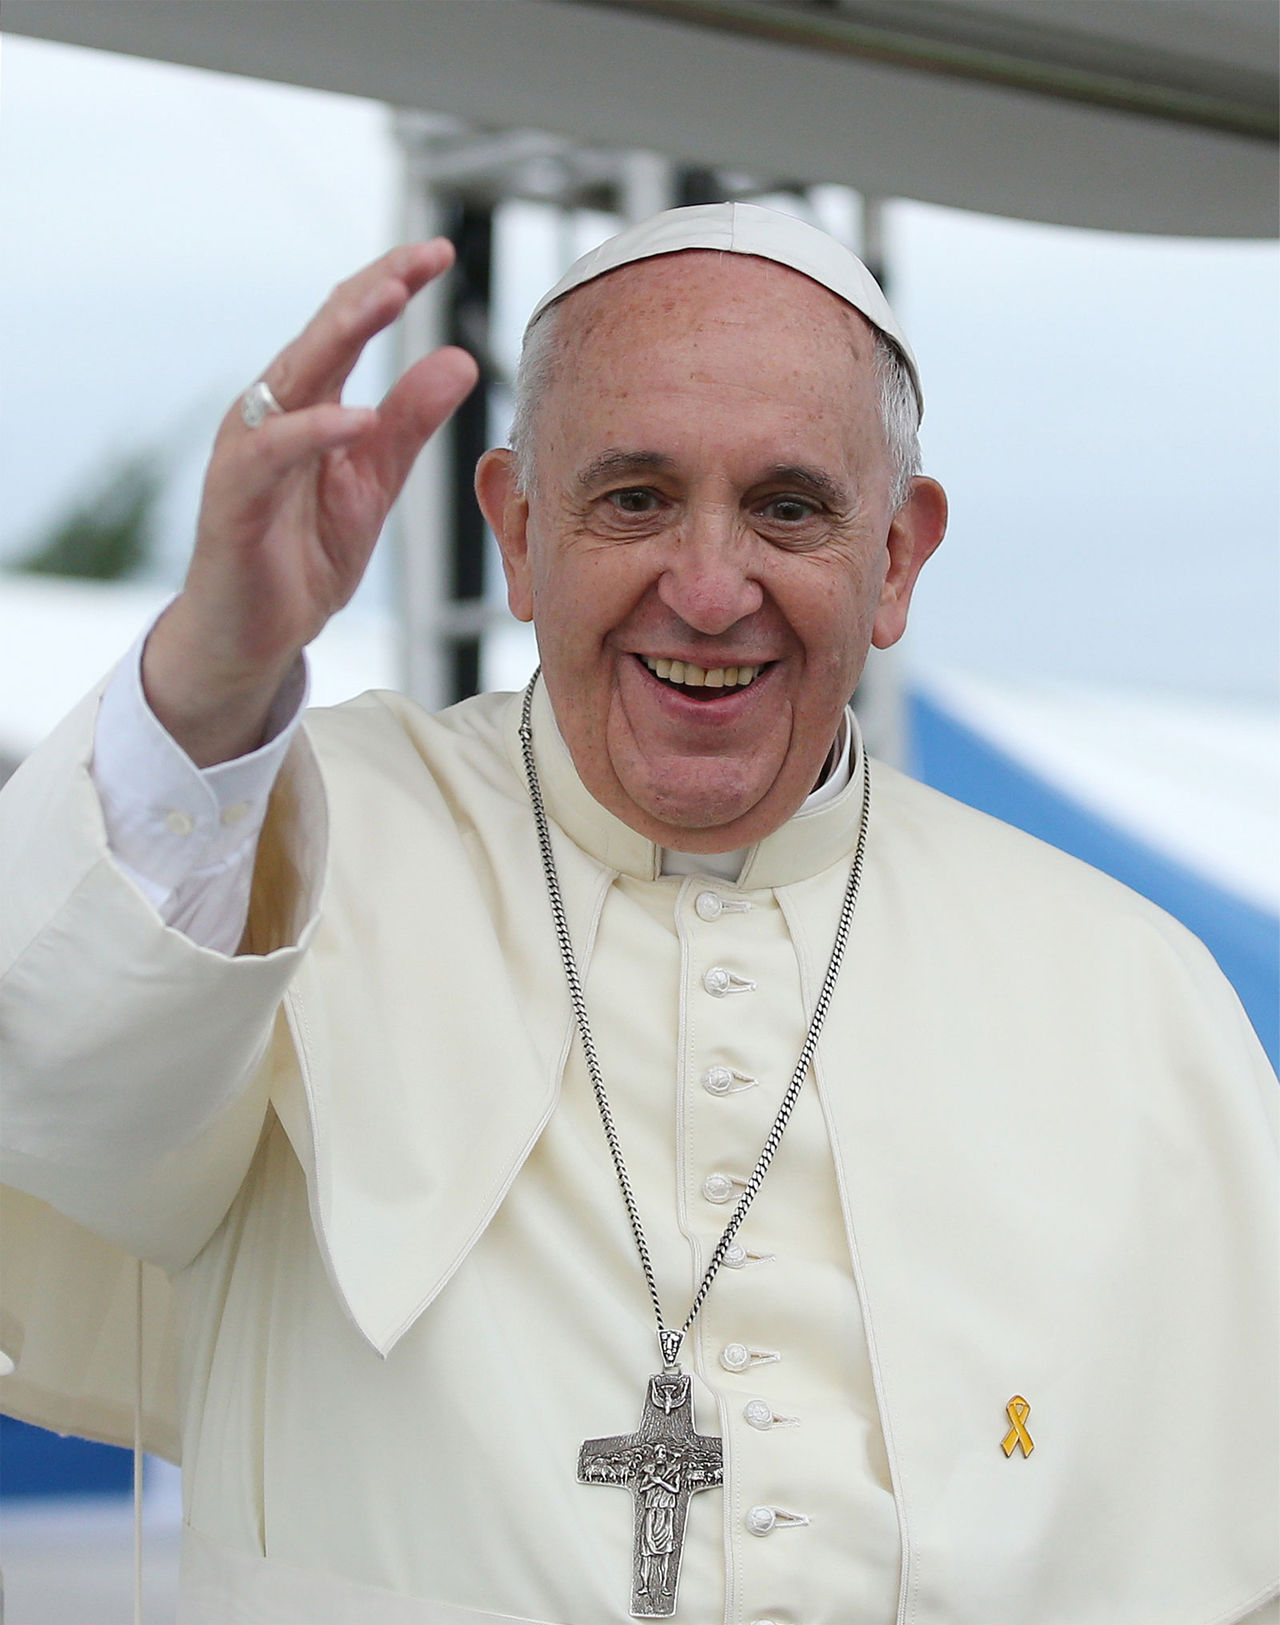 Påvens kalott går på auktion